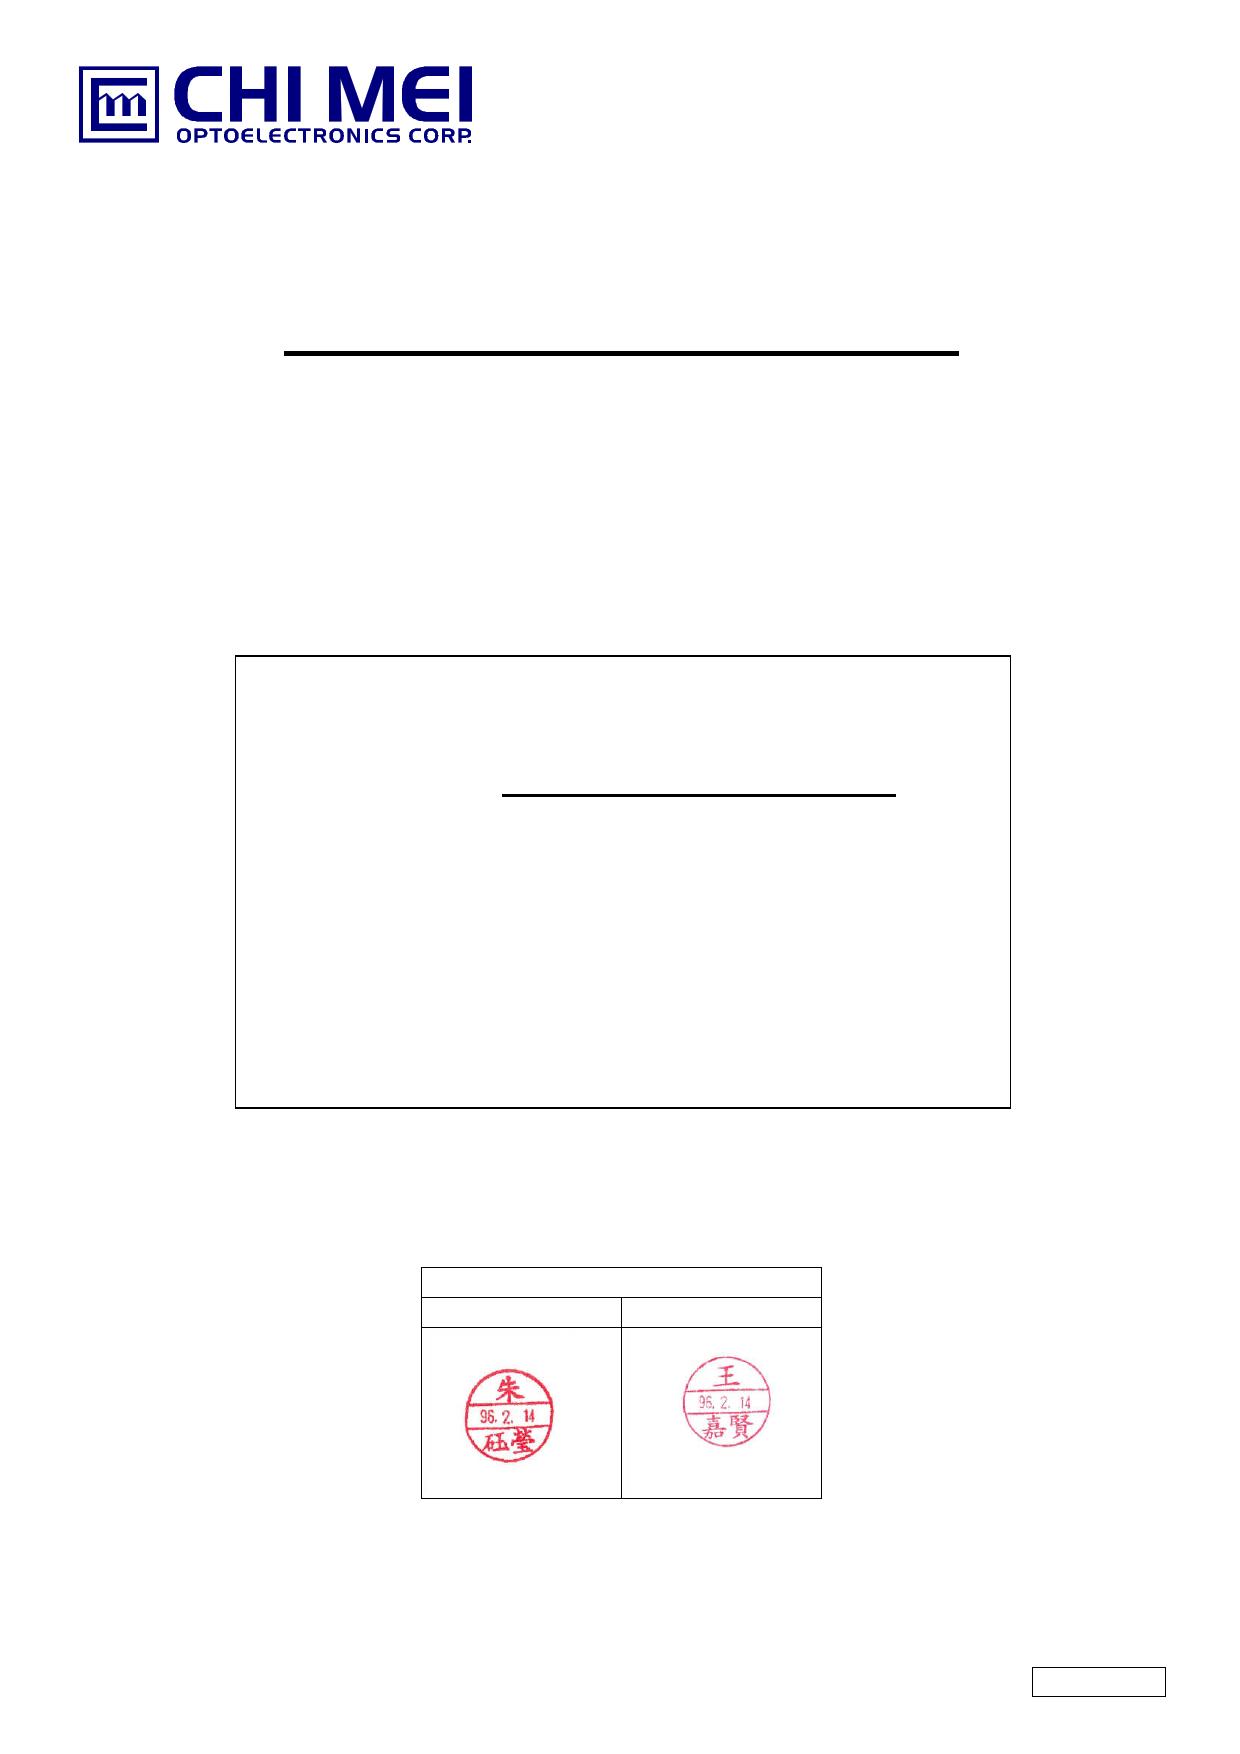 F02411-02U datasheet